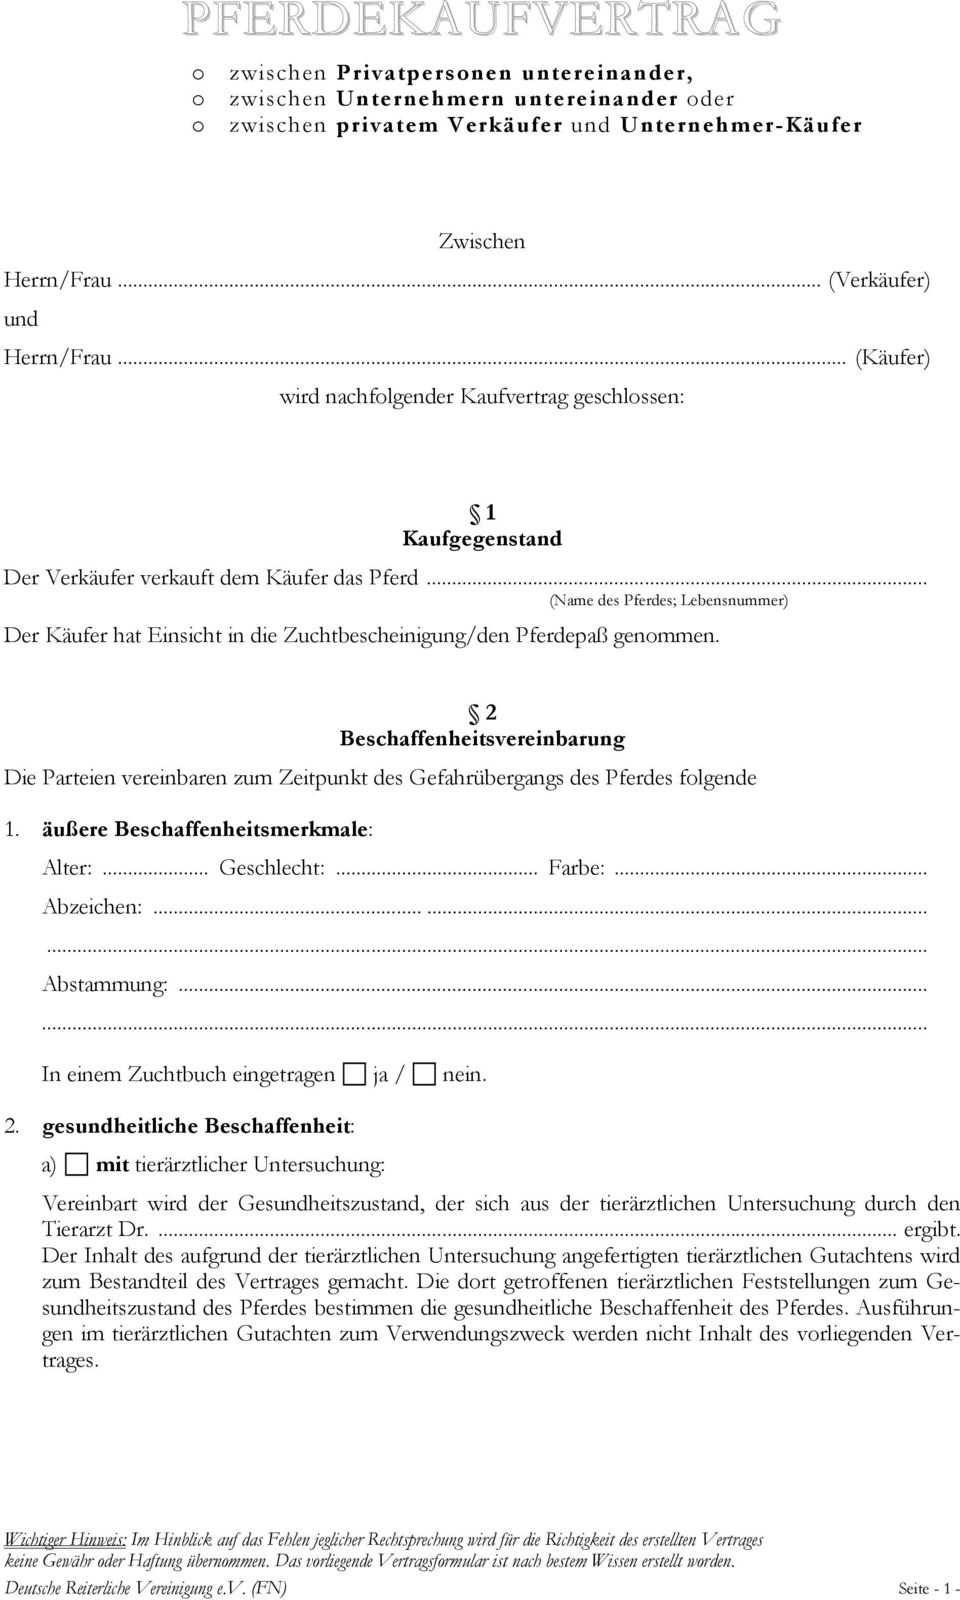 Pferdekaufvertrag Zwischen Herrn Frau Verkaufer Und Herrn